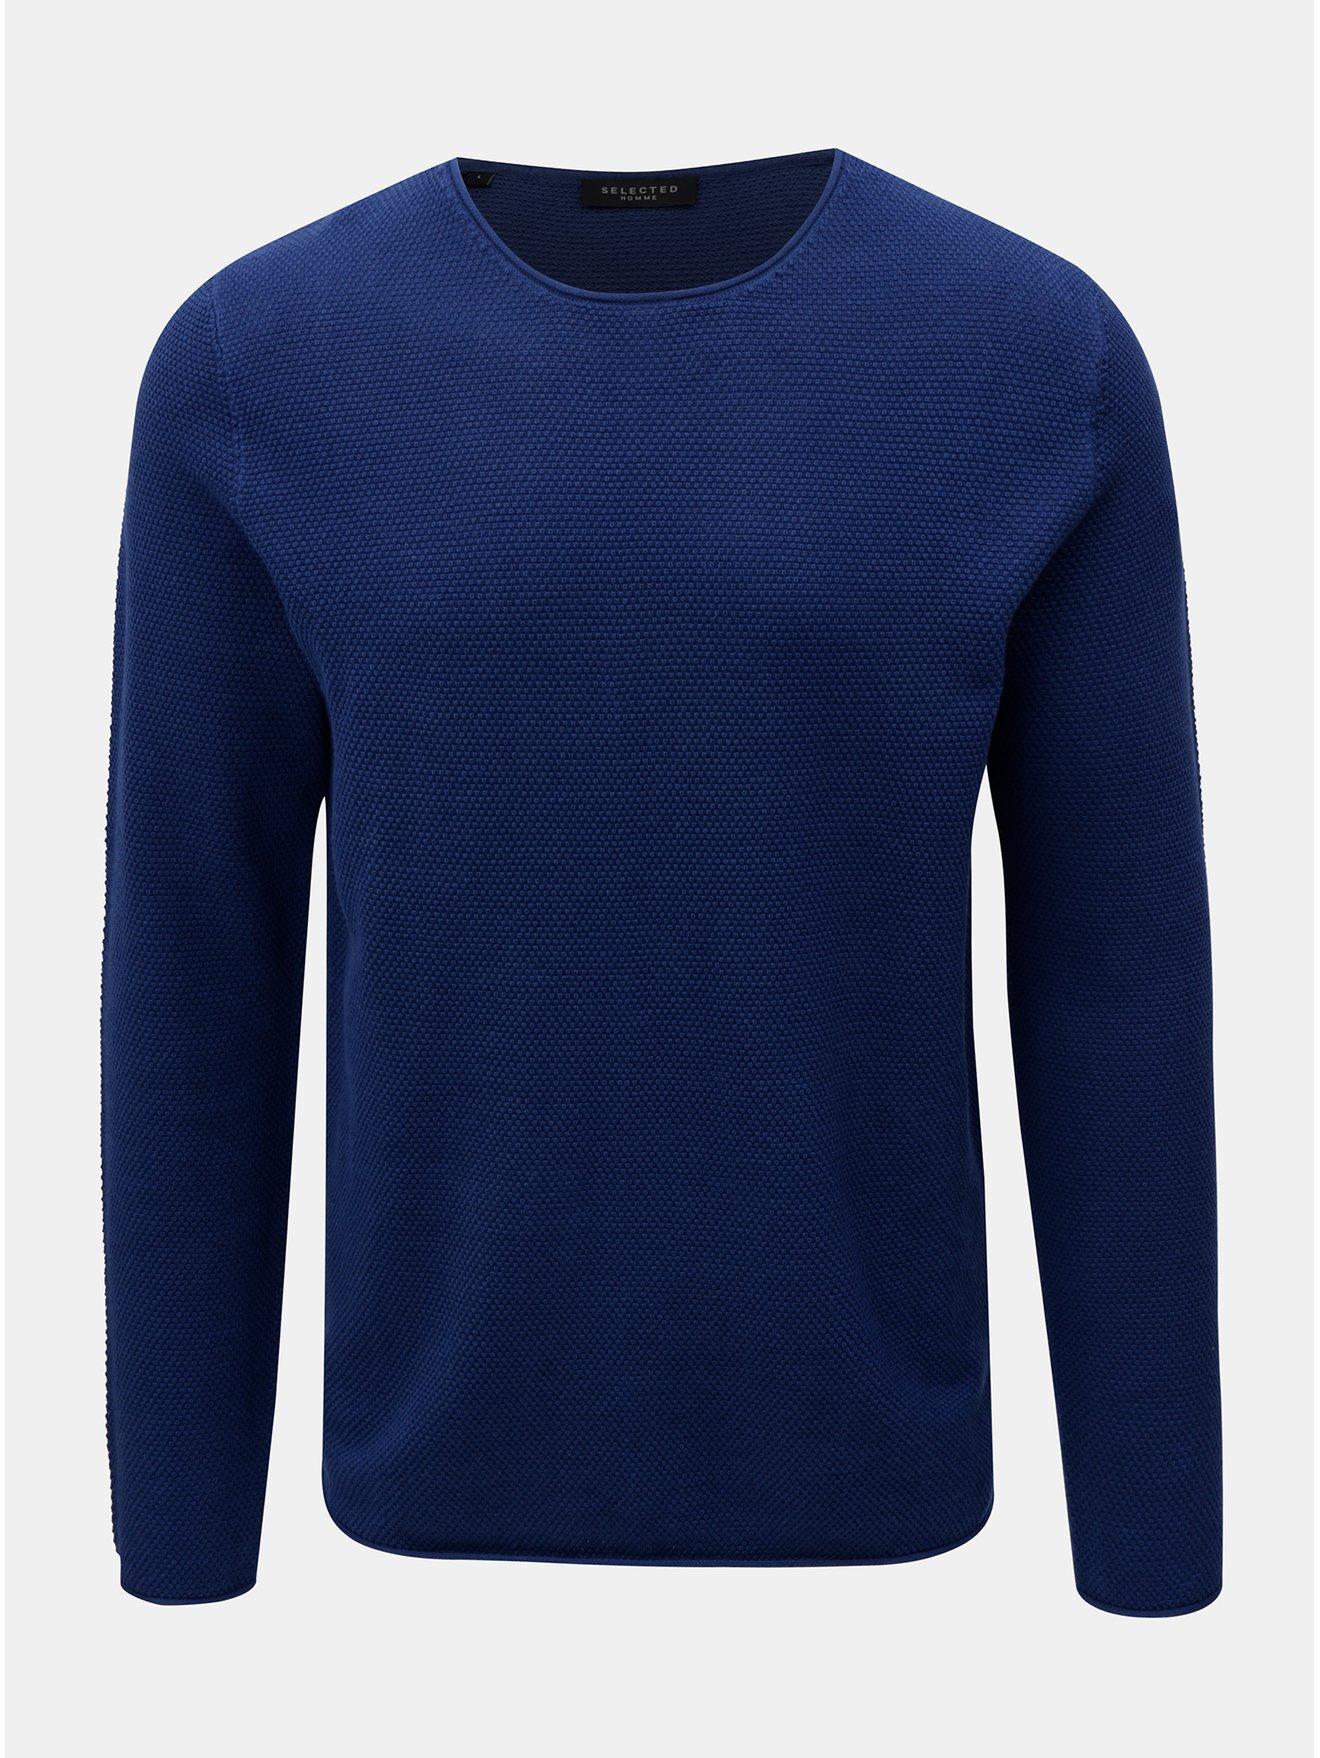 Tmavě modrý lehký svetr s dlouhým rukávem Selected Homme Rocky